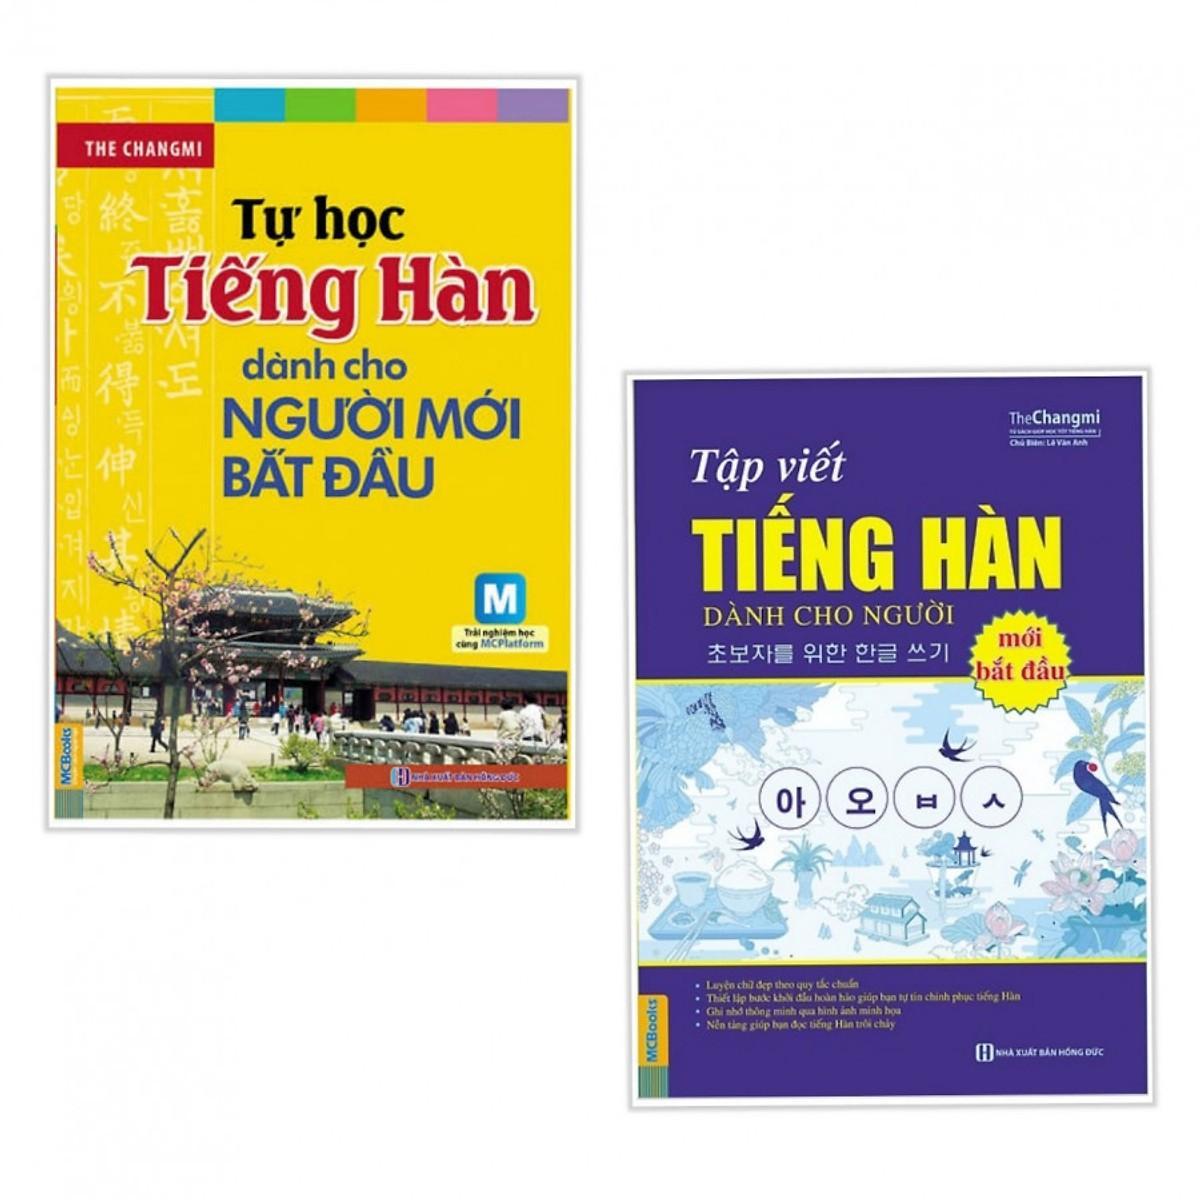 Sách Thật -Combo Tập Viết Và Tự Học Tiếng Hàn Dành Cho Người Mới Bắt Đầu (Tặng Bút Mực Bay Màu Kèm Cá Và 3 Ngòi) - VADATA Với Giá Sốc